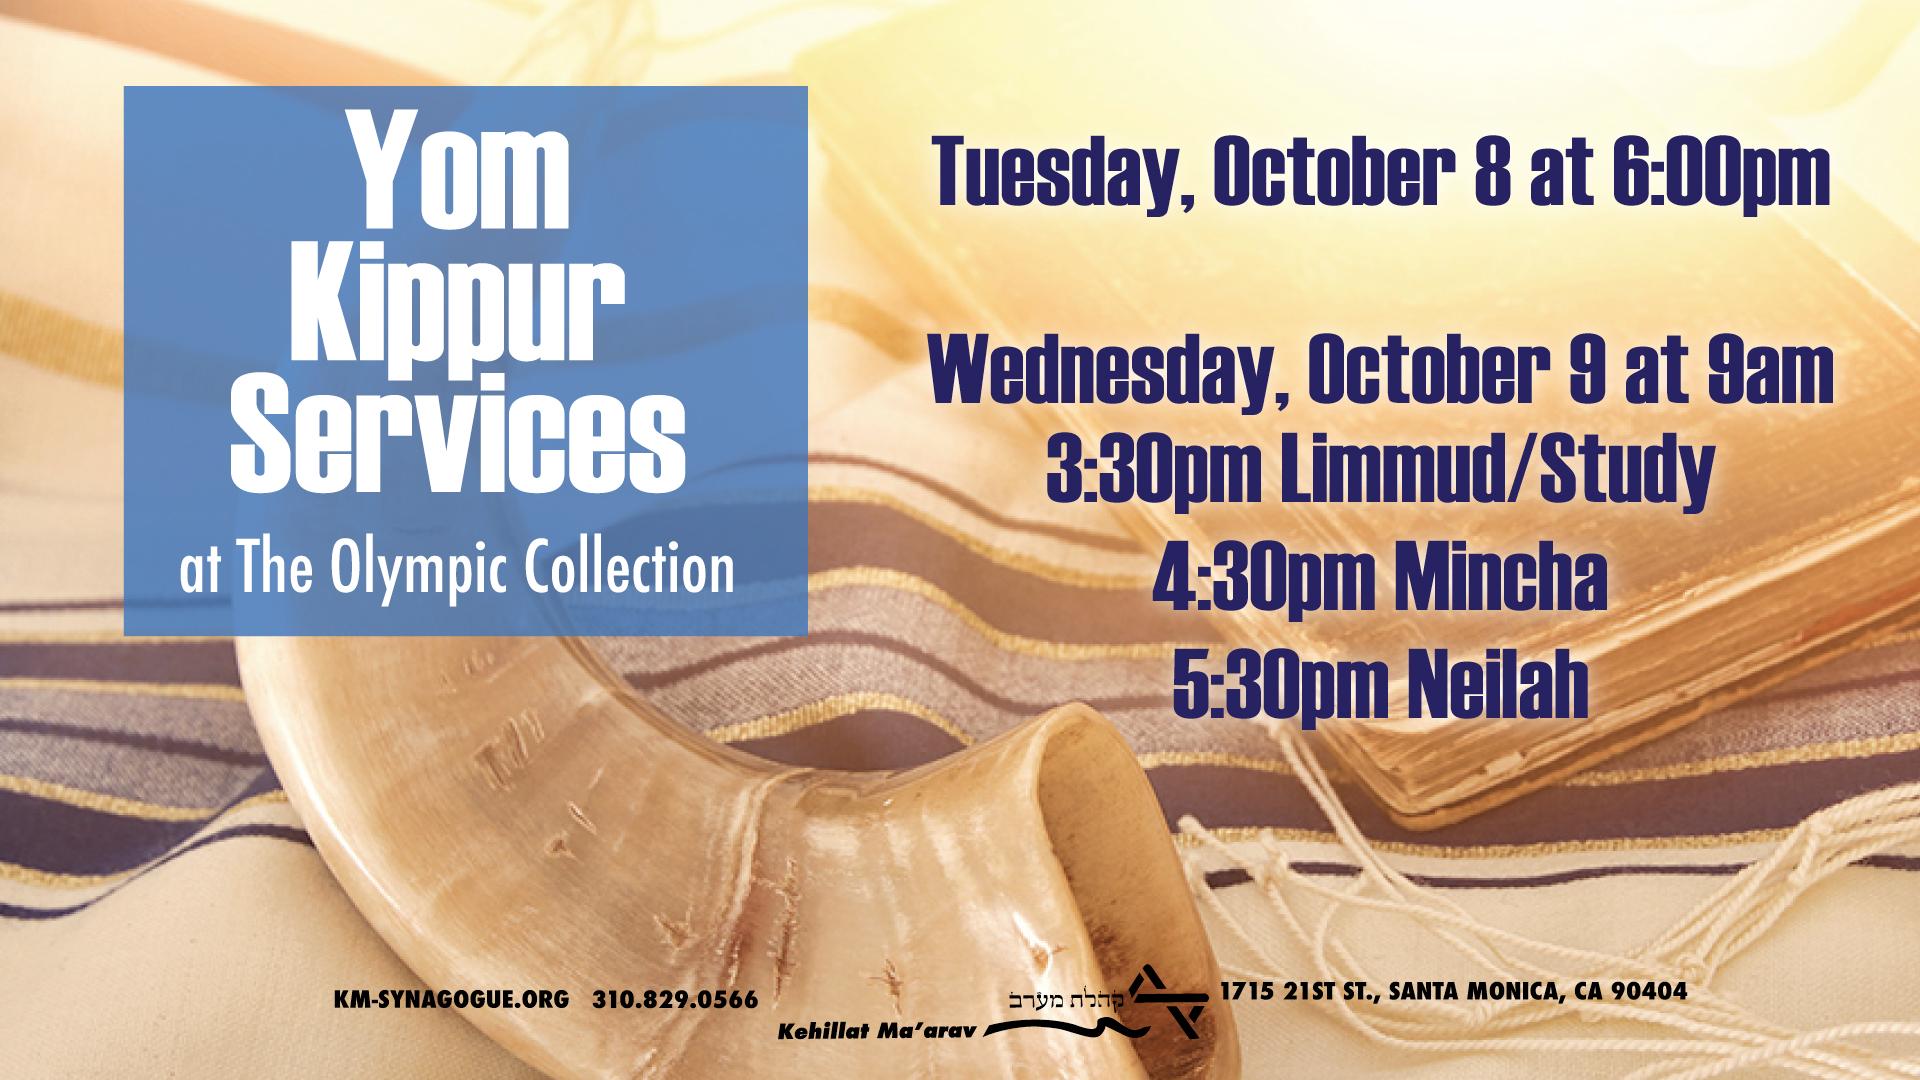 Yom Kippur Services